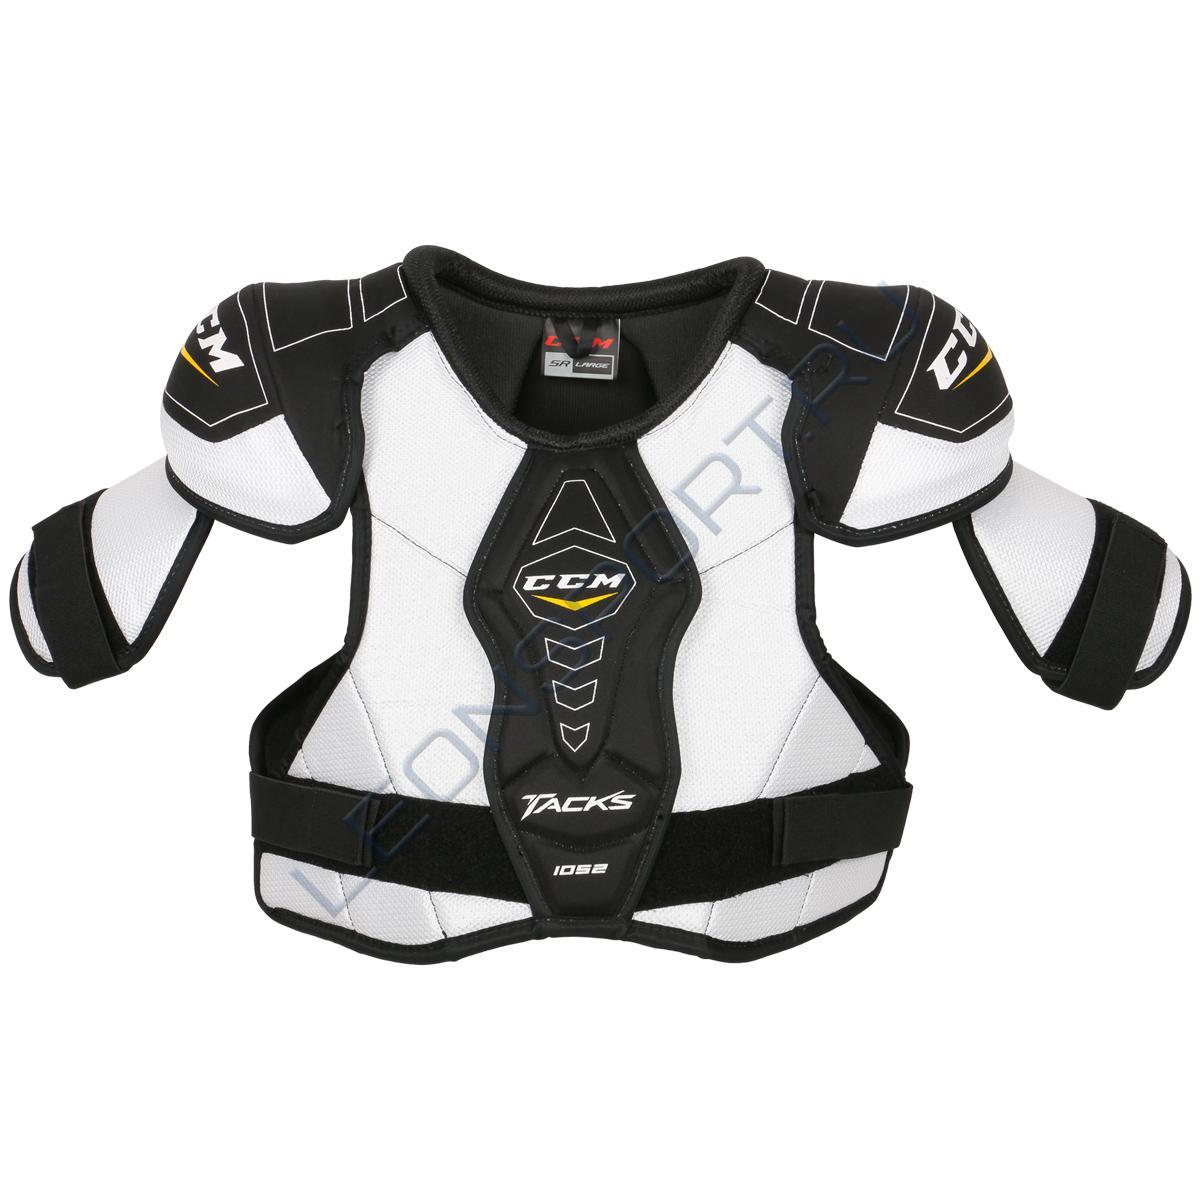 Нагрудник хоккейный CCM TACKS 1052 SR